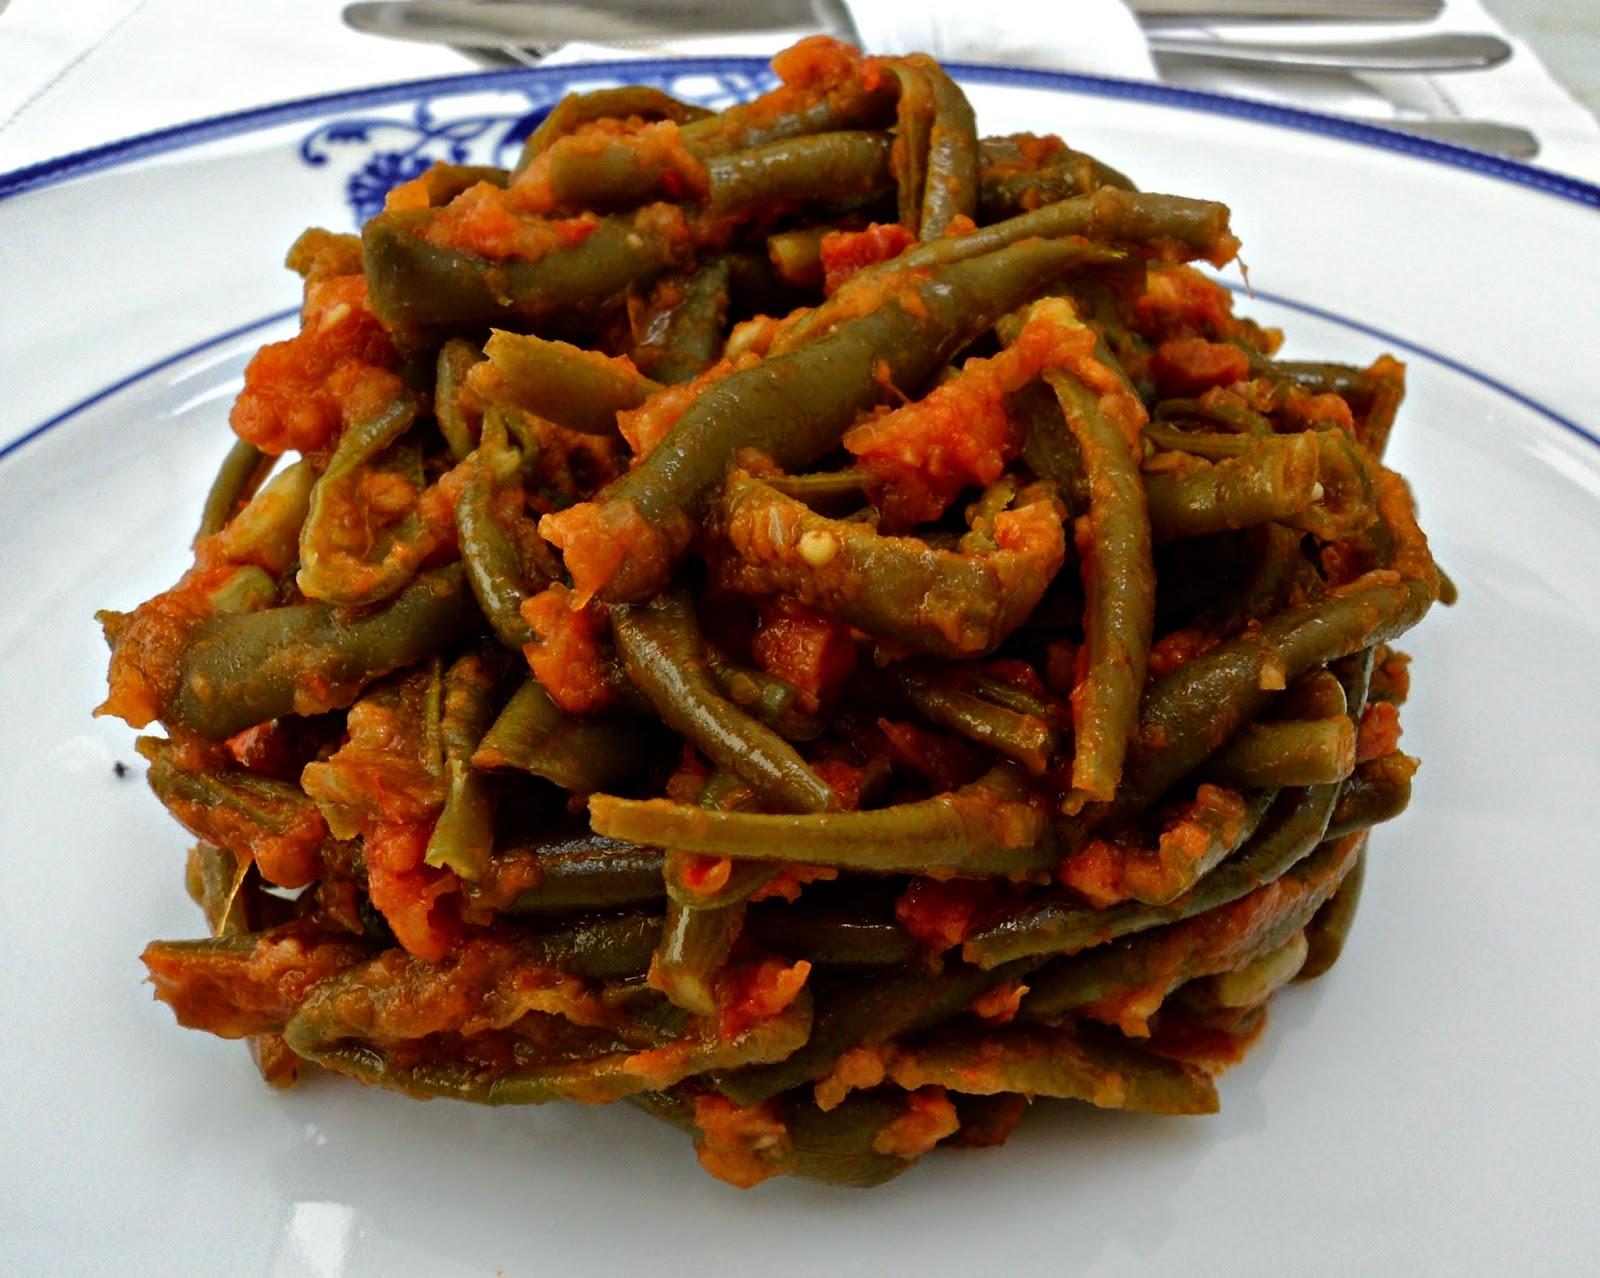 ensalada-judias-verdes-tomate-jamon-bocado